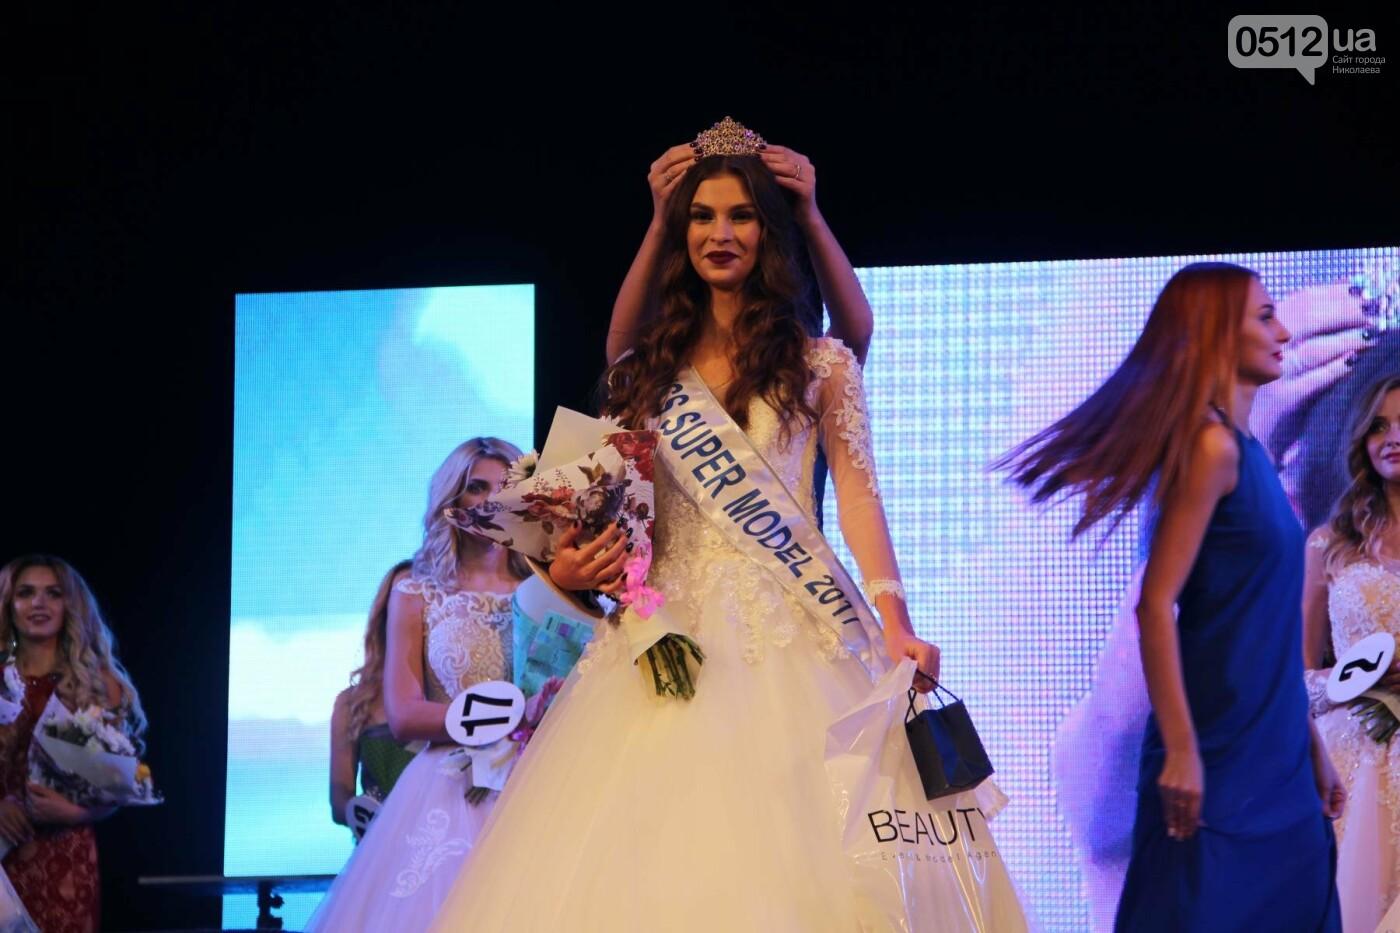 В Николаеве на конкурсе «Miss Top model Ukraine» выбрали самую красивую модель в Украине, - ФОТО, фото-13